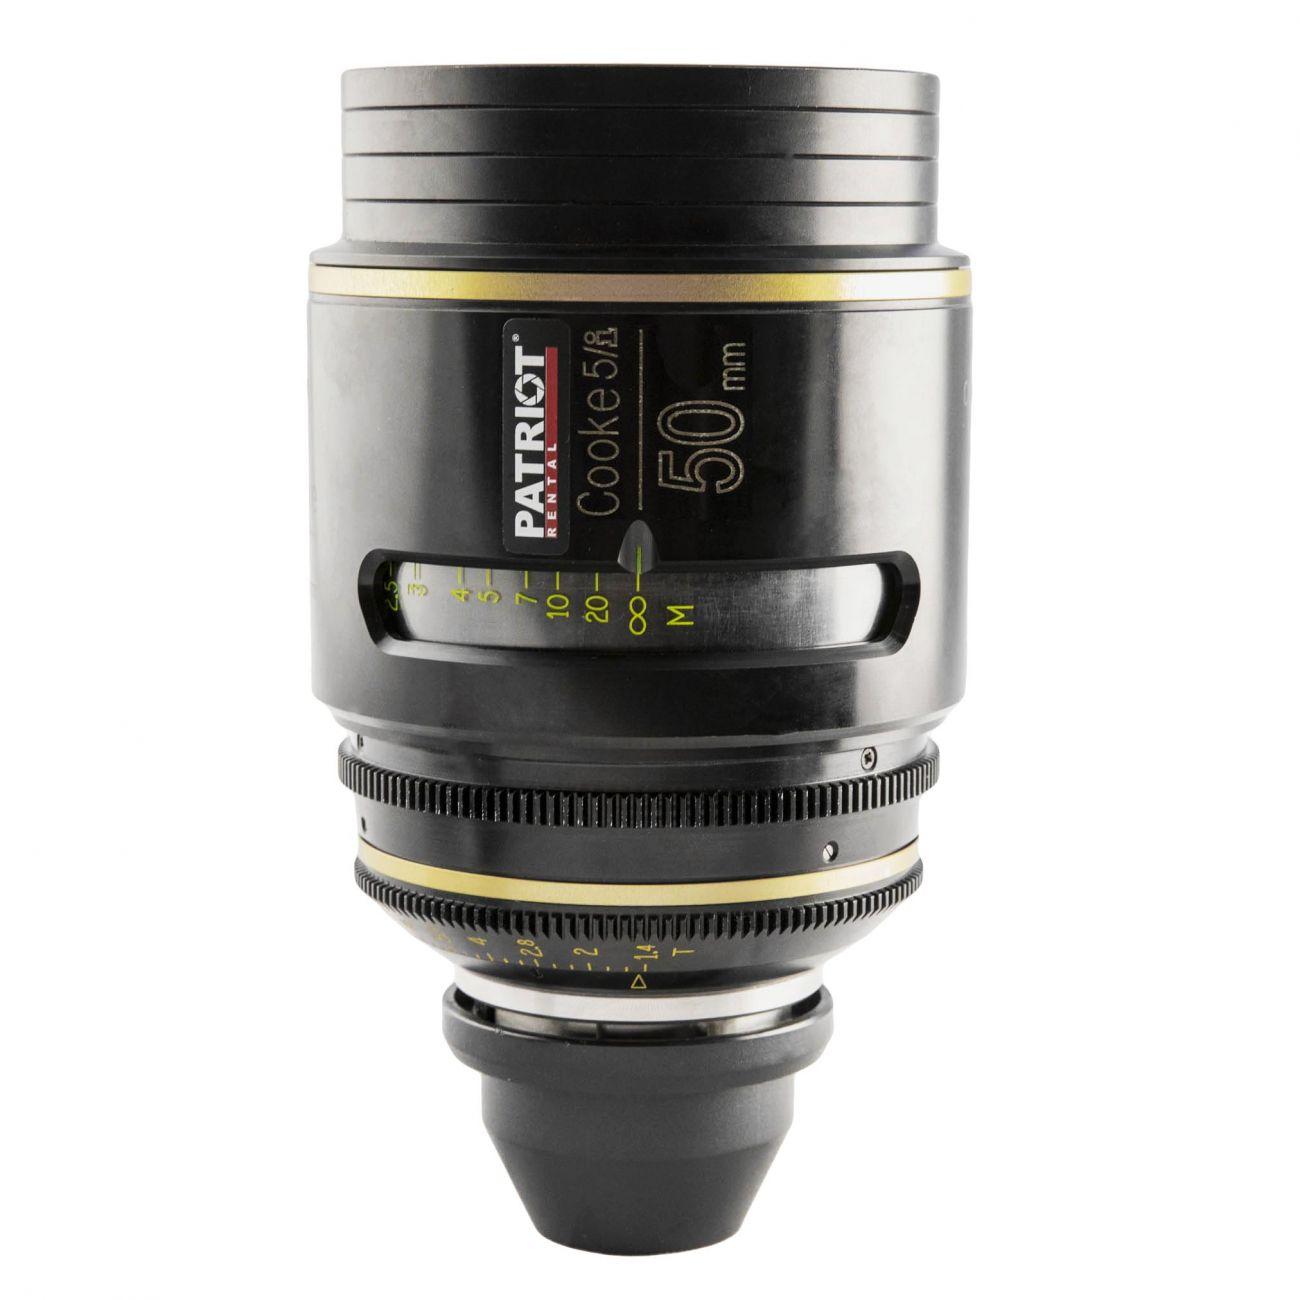 50mm COOKE 5/i lens T1.4